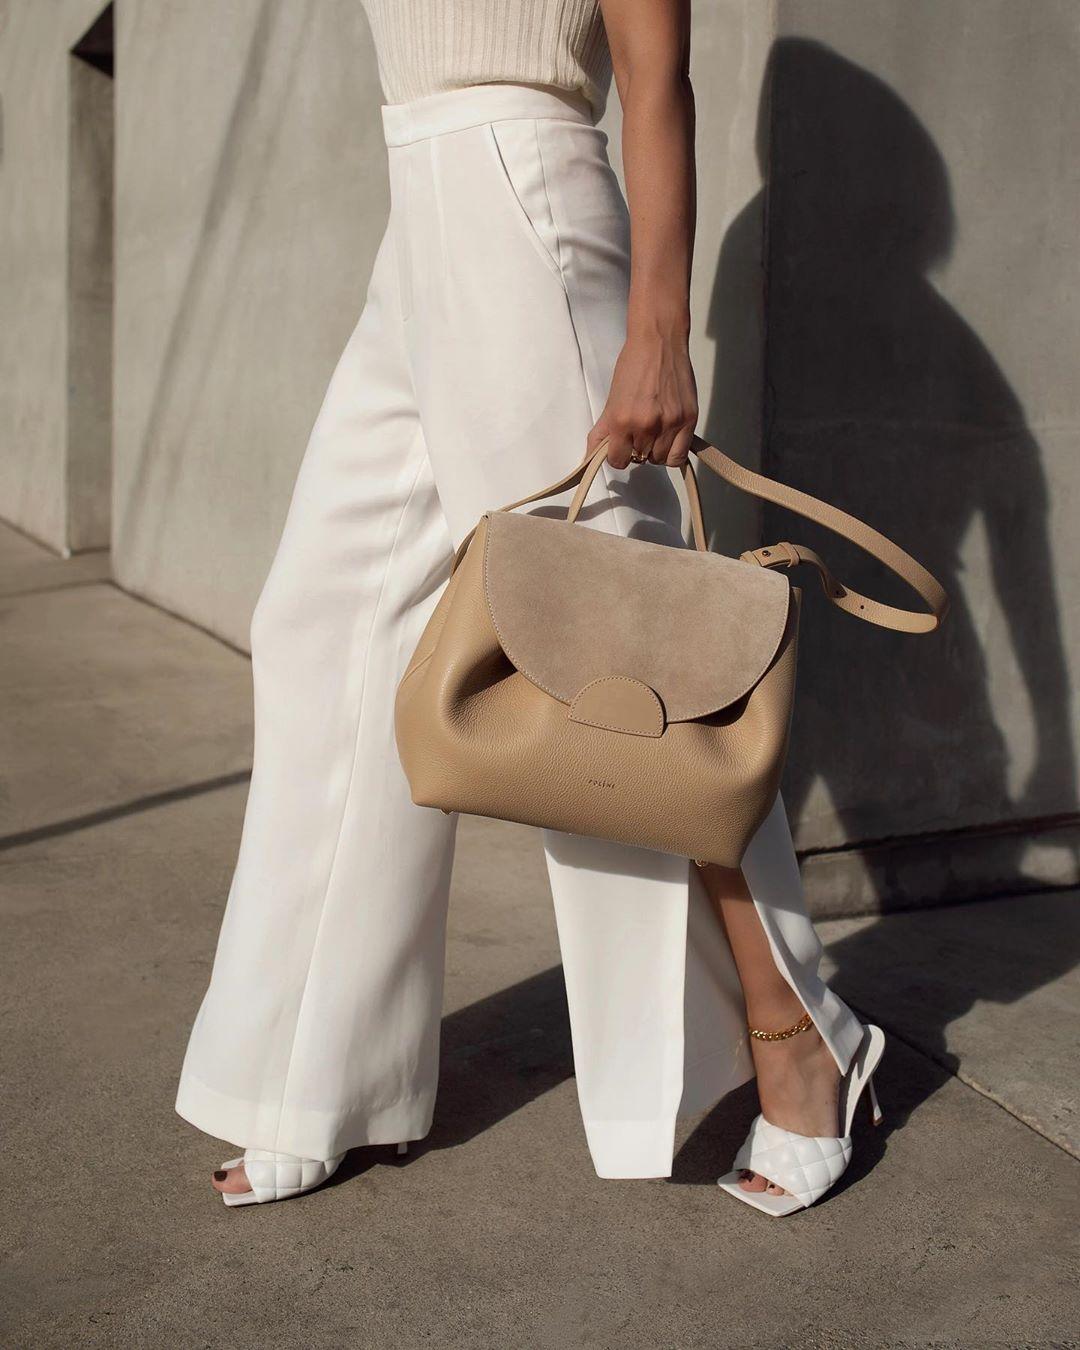 Cô gái mặc quần ống loe xẻ tà màu trắng, cầm túi xách màu nude